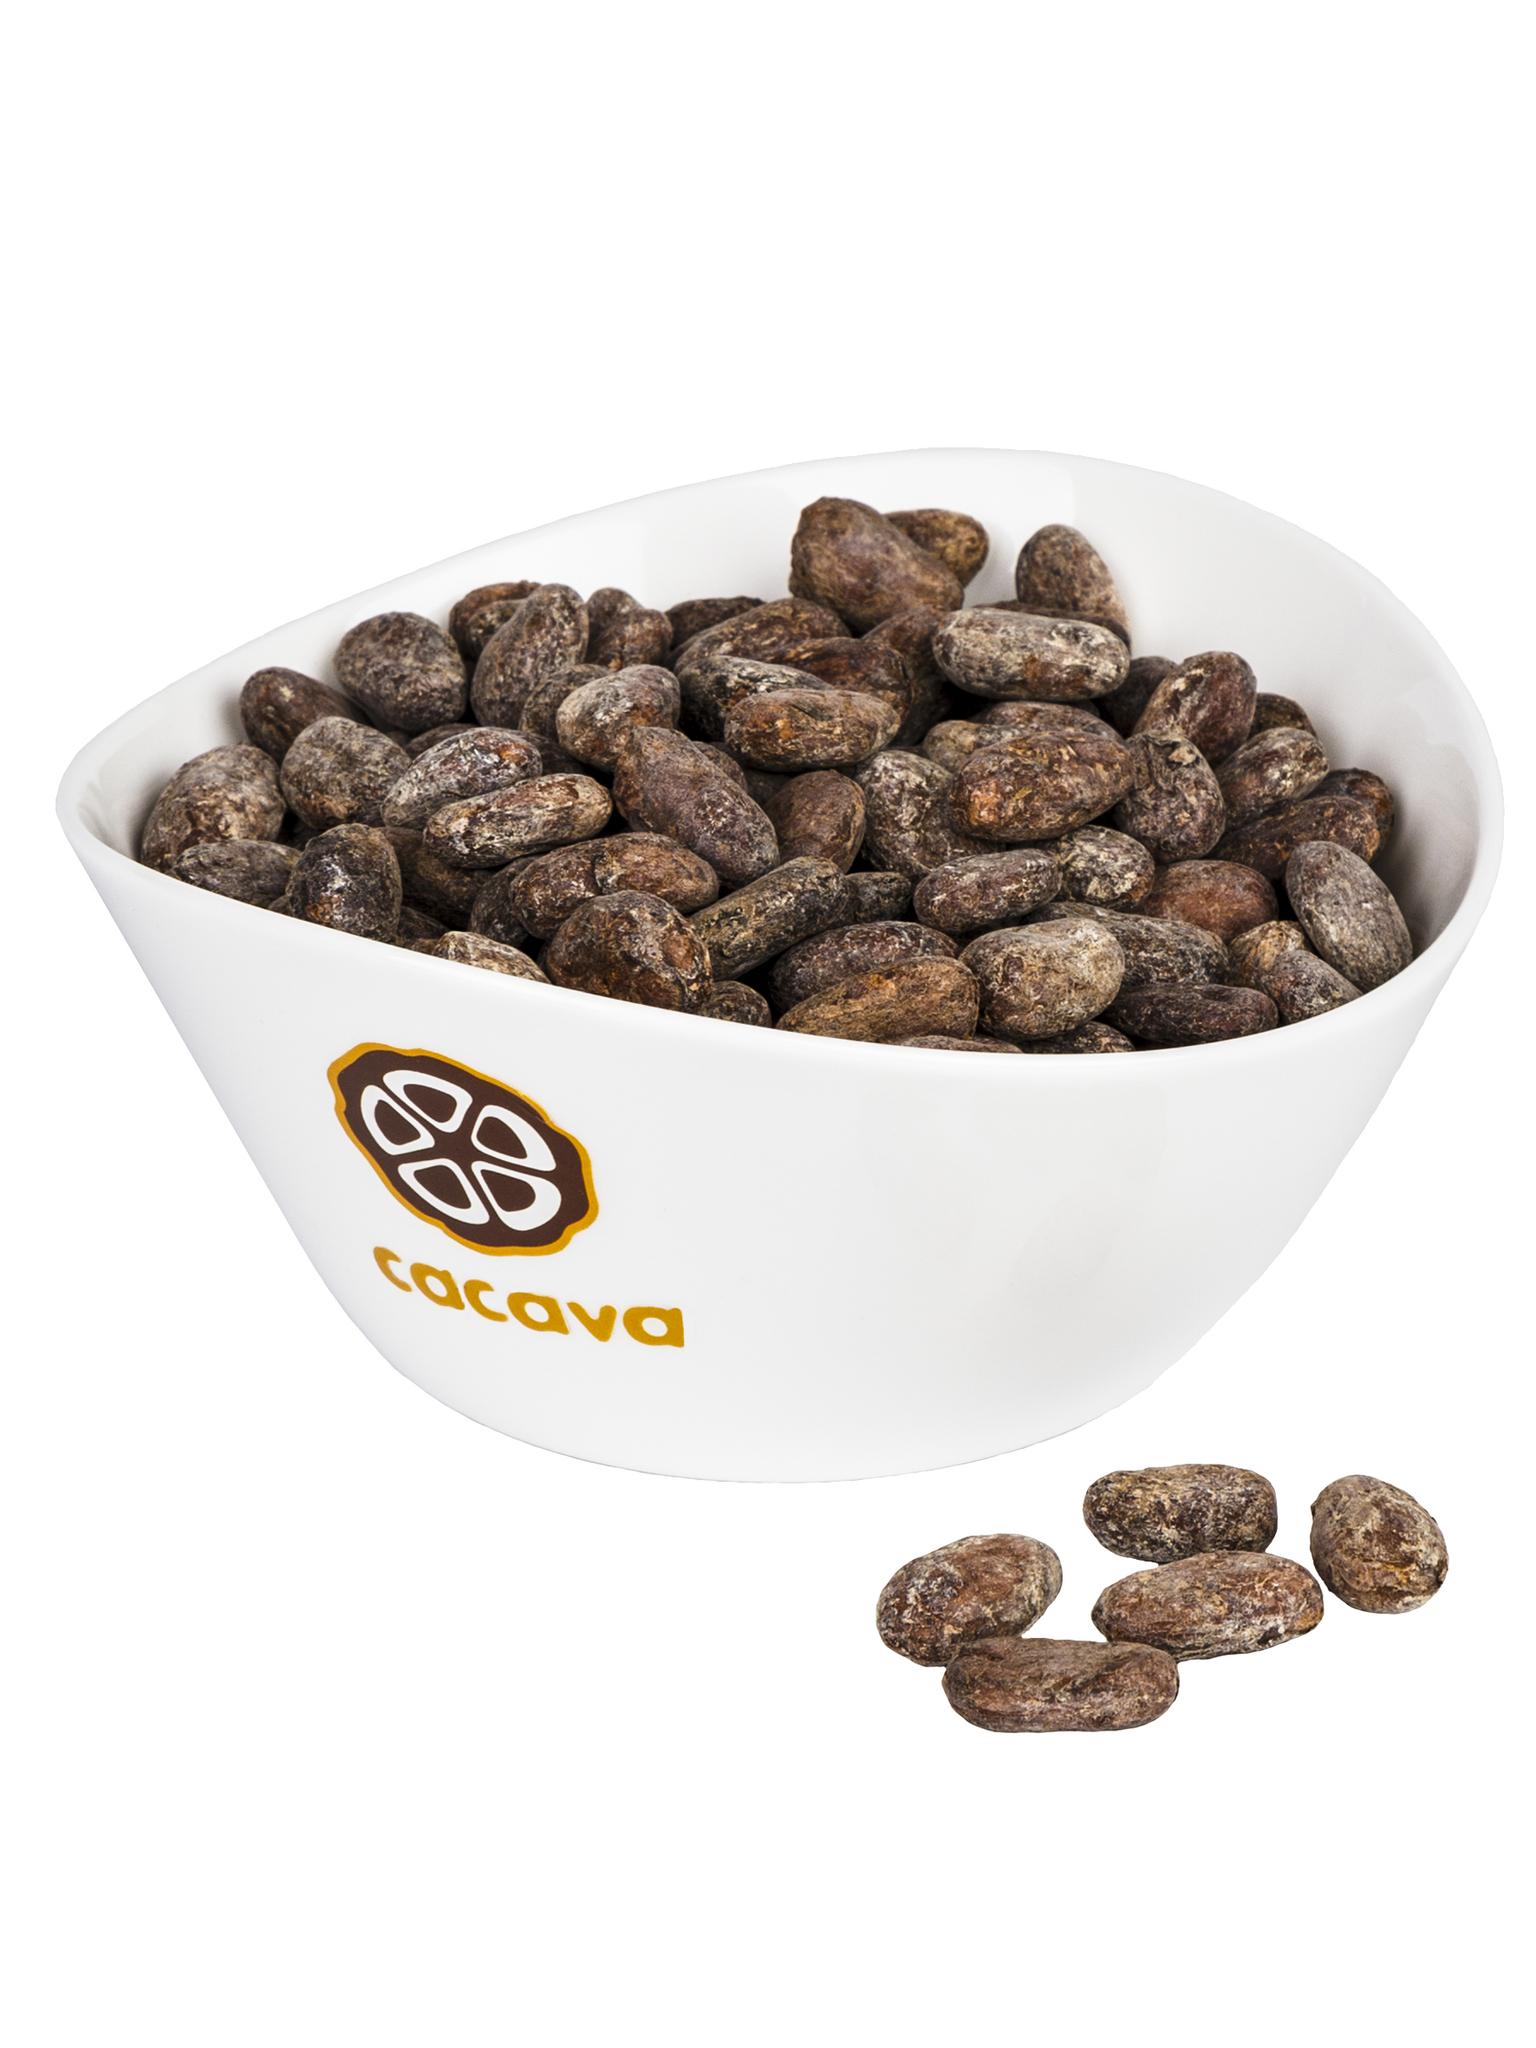 Какао-бобы цельные (Гренада), внешний вид